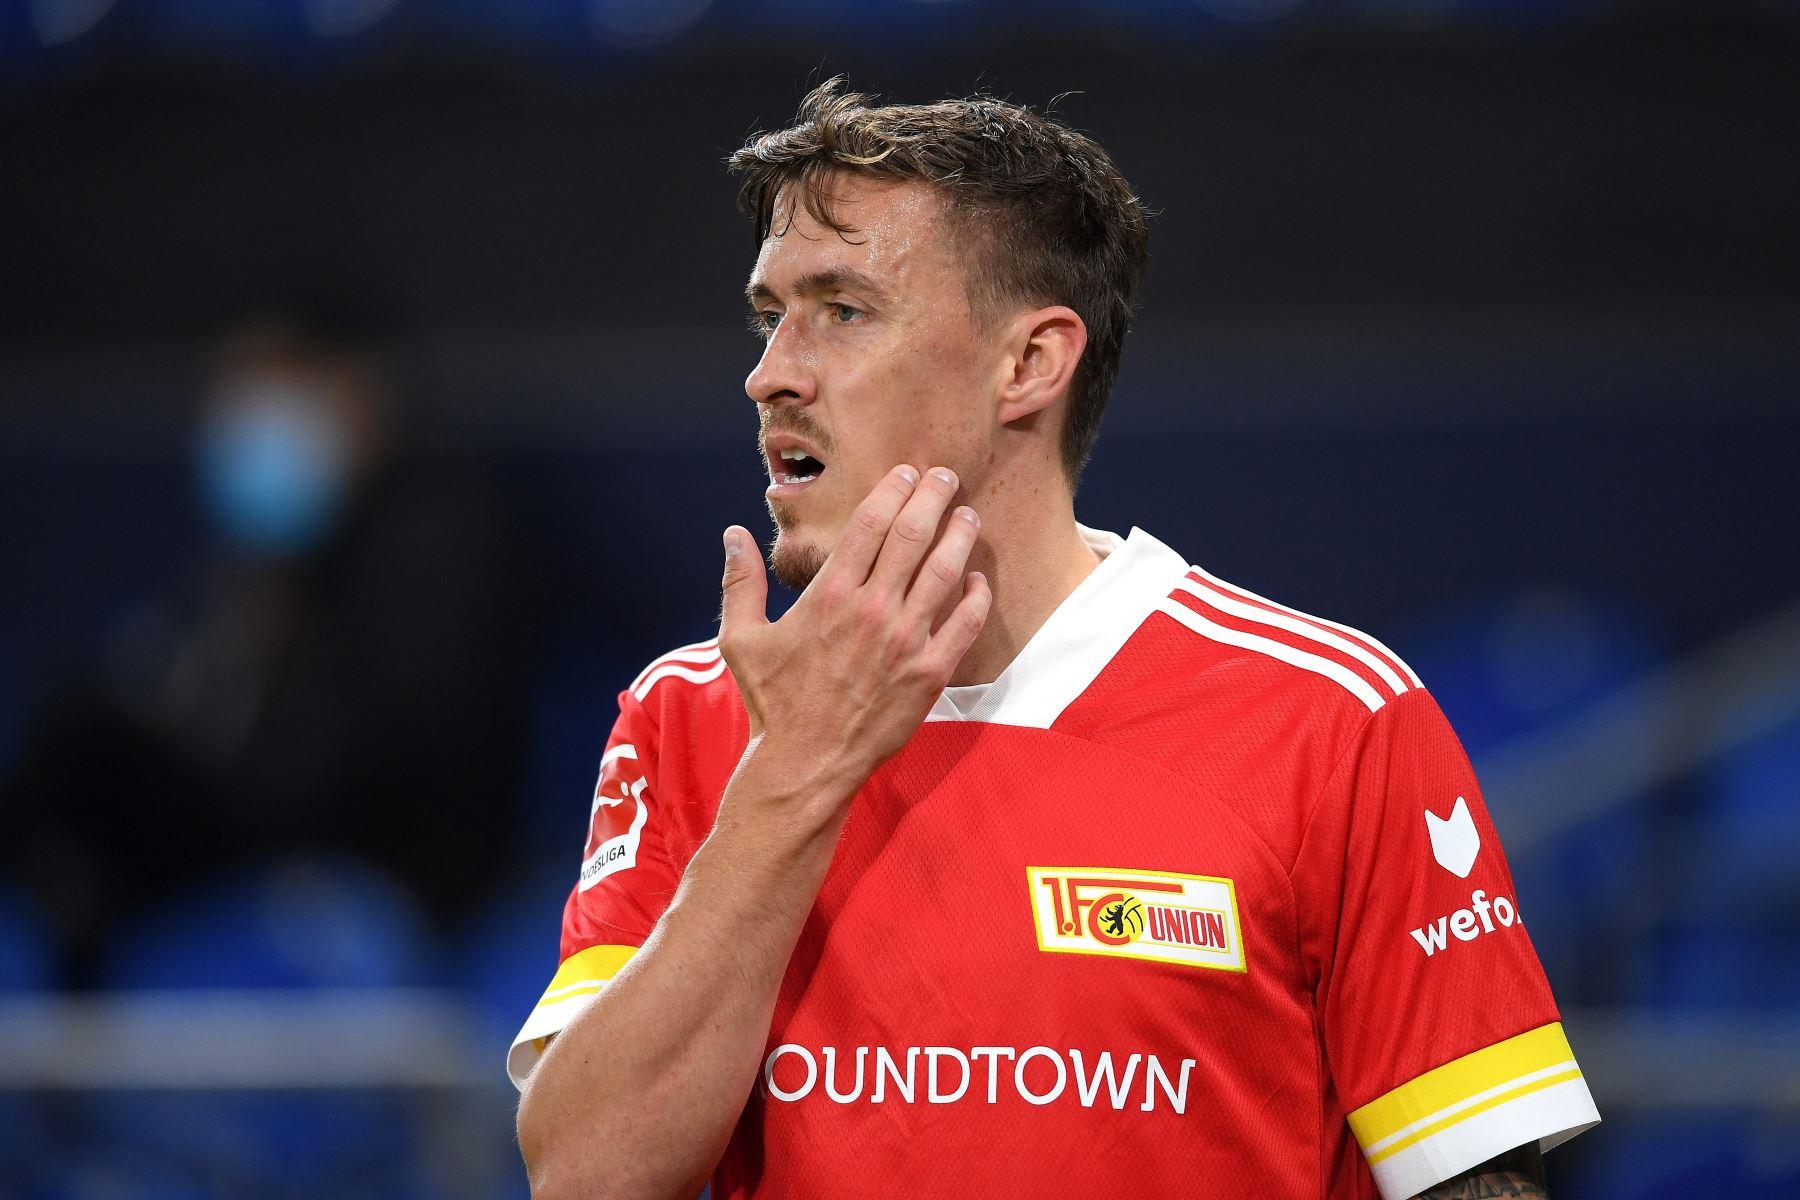 Sebastian Andersson del 1 FC Union Berlin reacciona durante el partido de la Bundesliga en Veltins-Arena en Gelsenkirchen, Alemania. Foto: EFE